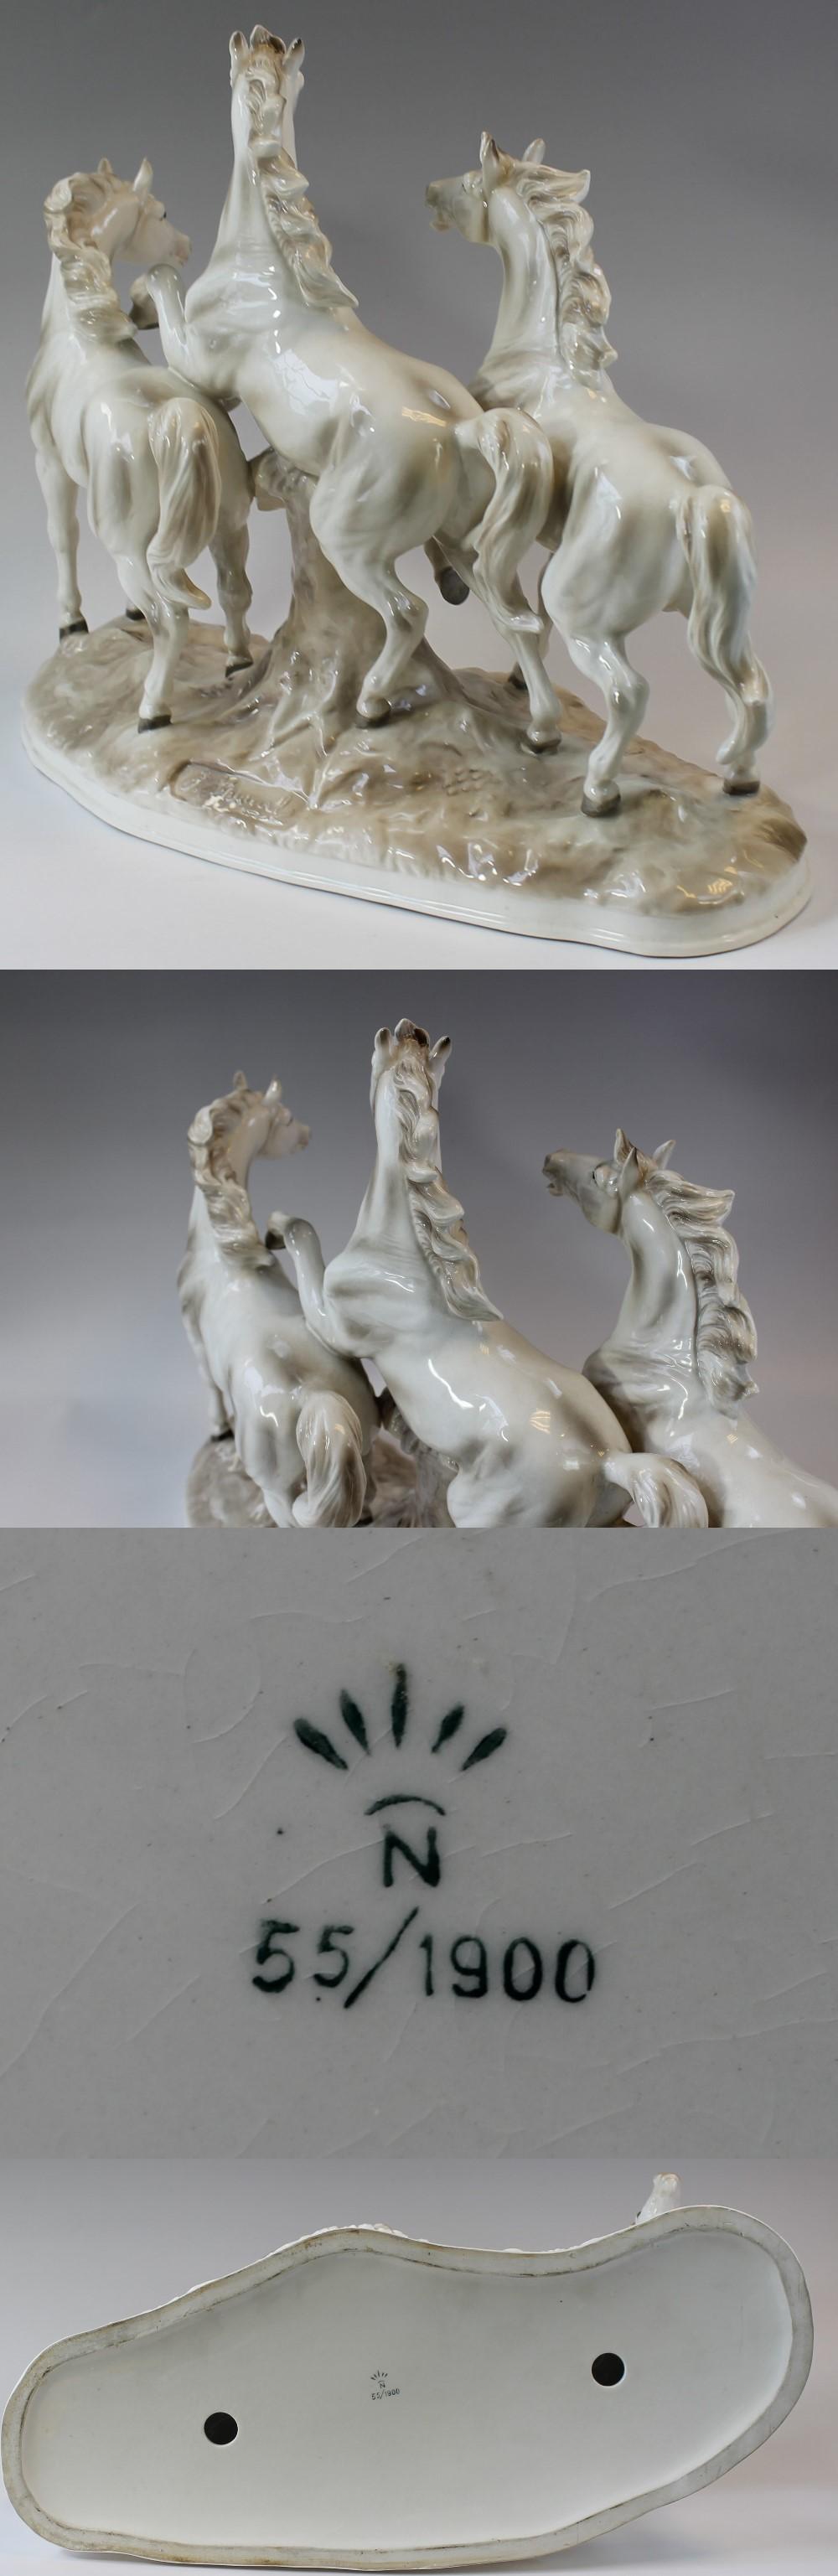 163白馬の群像4